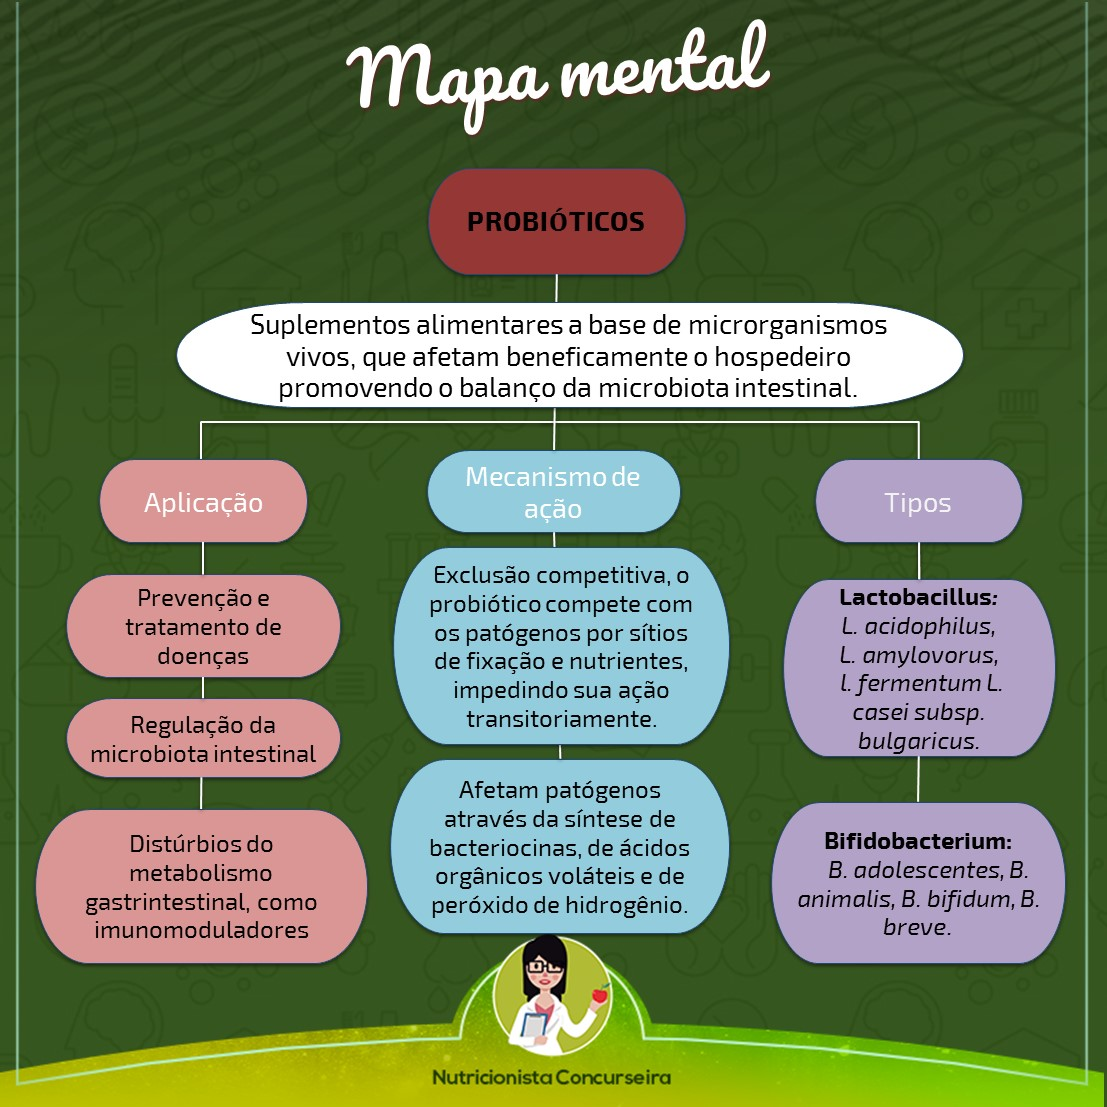 Mapa Mental de Probióticos